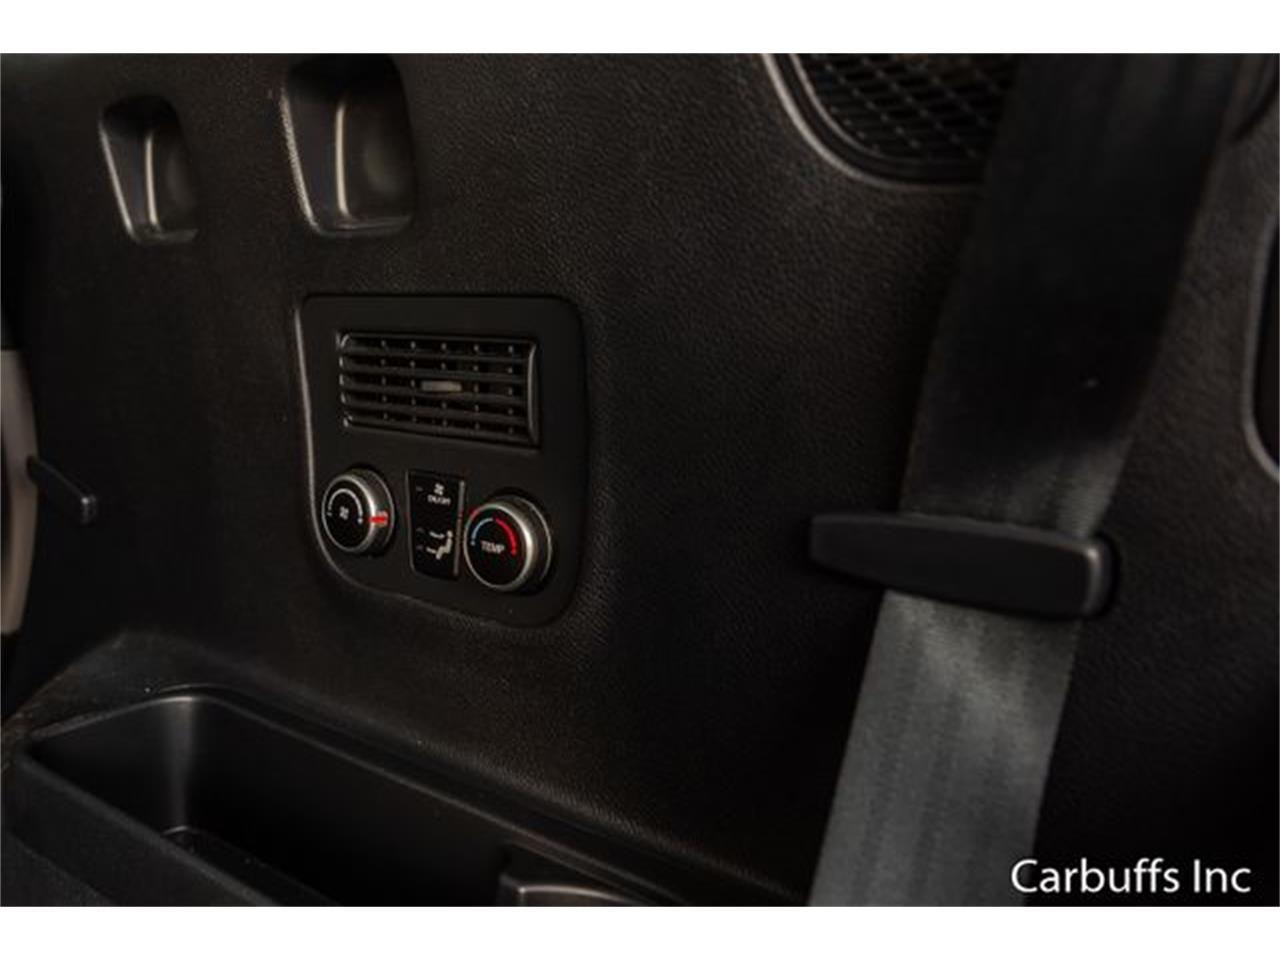 2016 Hyundai Santa Fe (CC-1393290) for sale in Concord, California